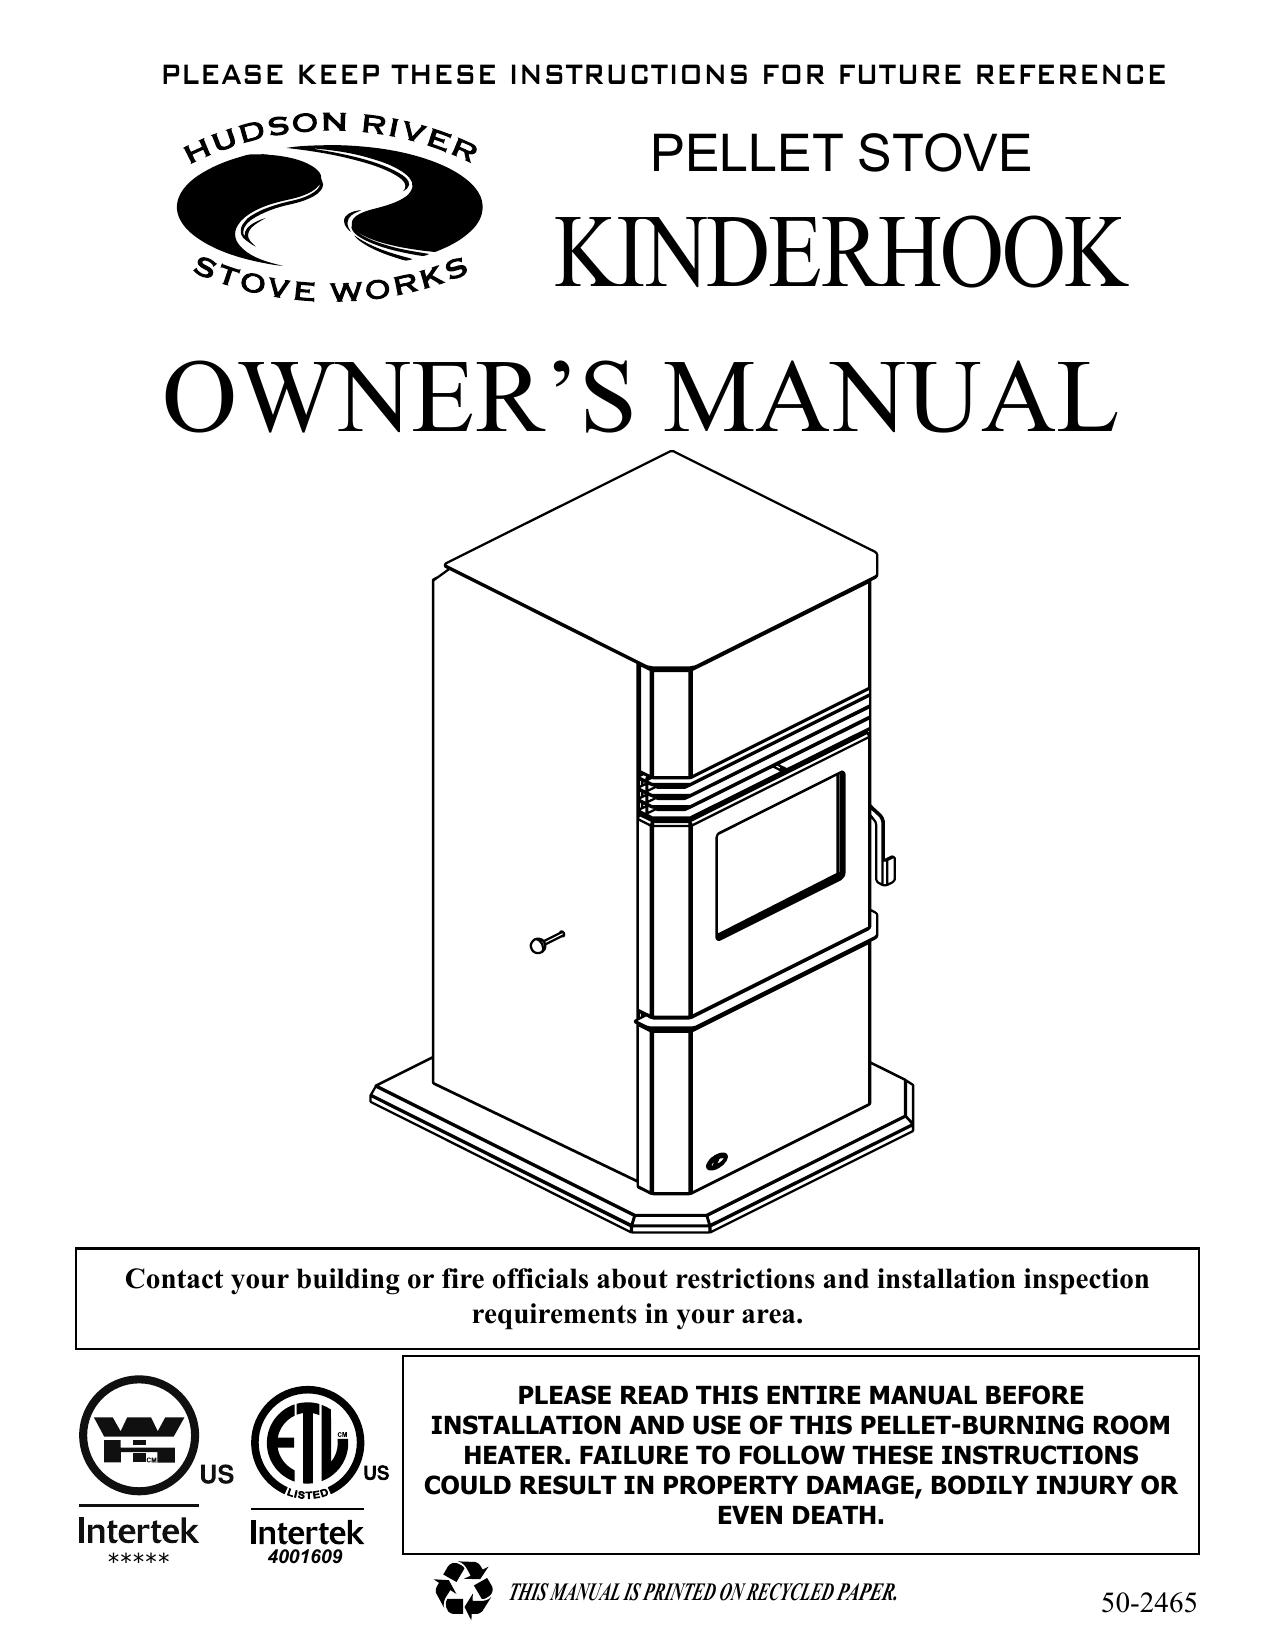 kinderhook owner s manual Hudson River Stove Works